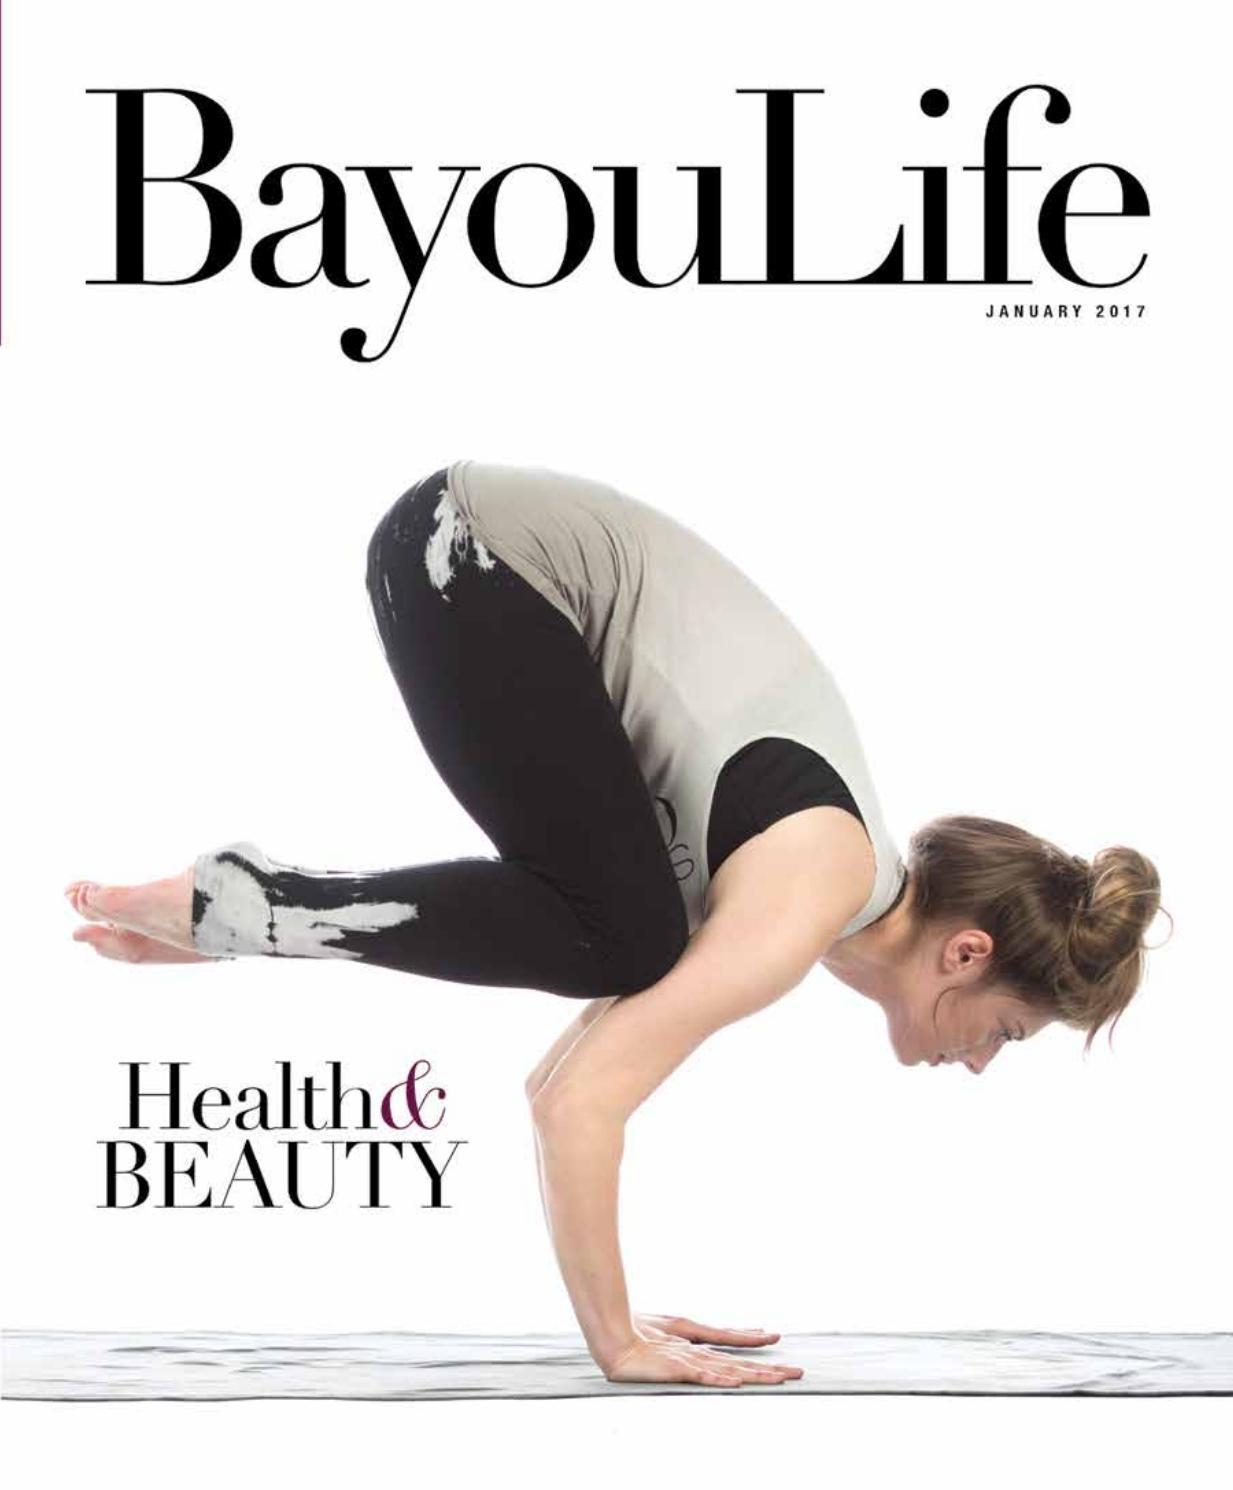 Bayoulife January 2017 By Magazine Issuu Austin Wedges Stormin Beige 38